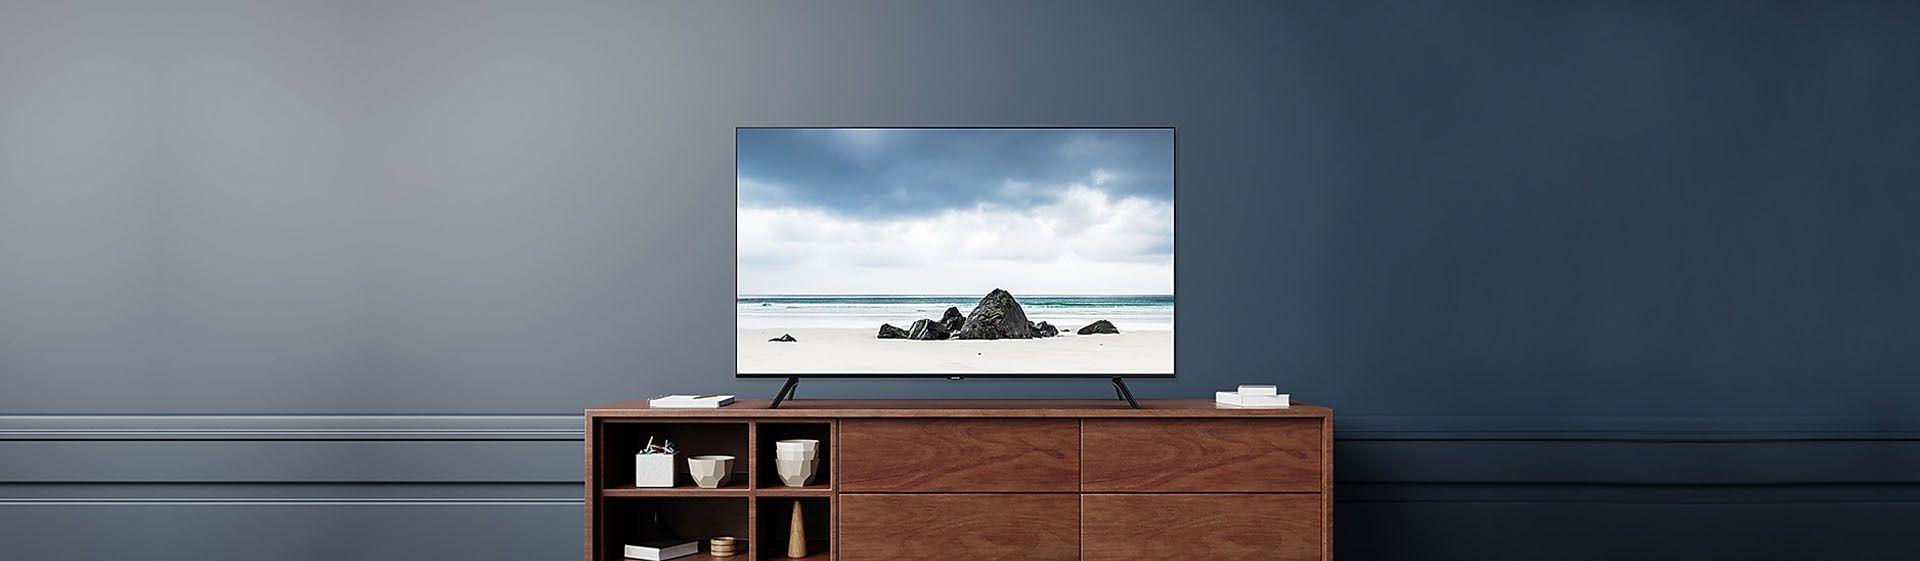 Samsung TU8000 vale a pena? Veja análise dessa TV 4K de entrada